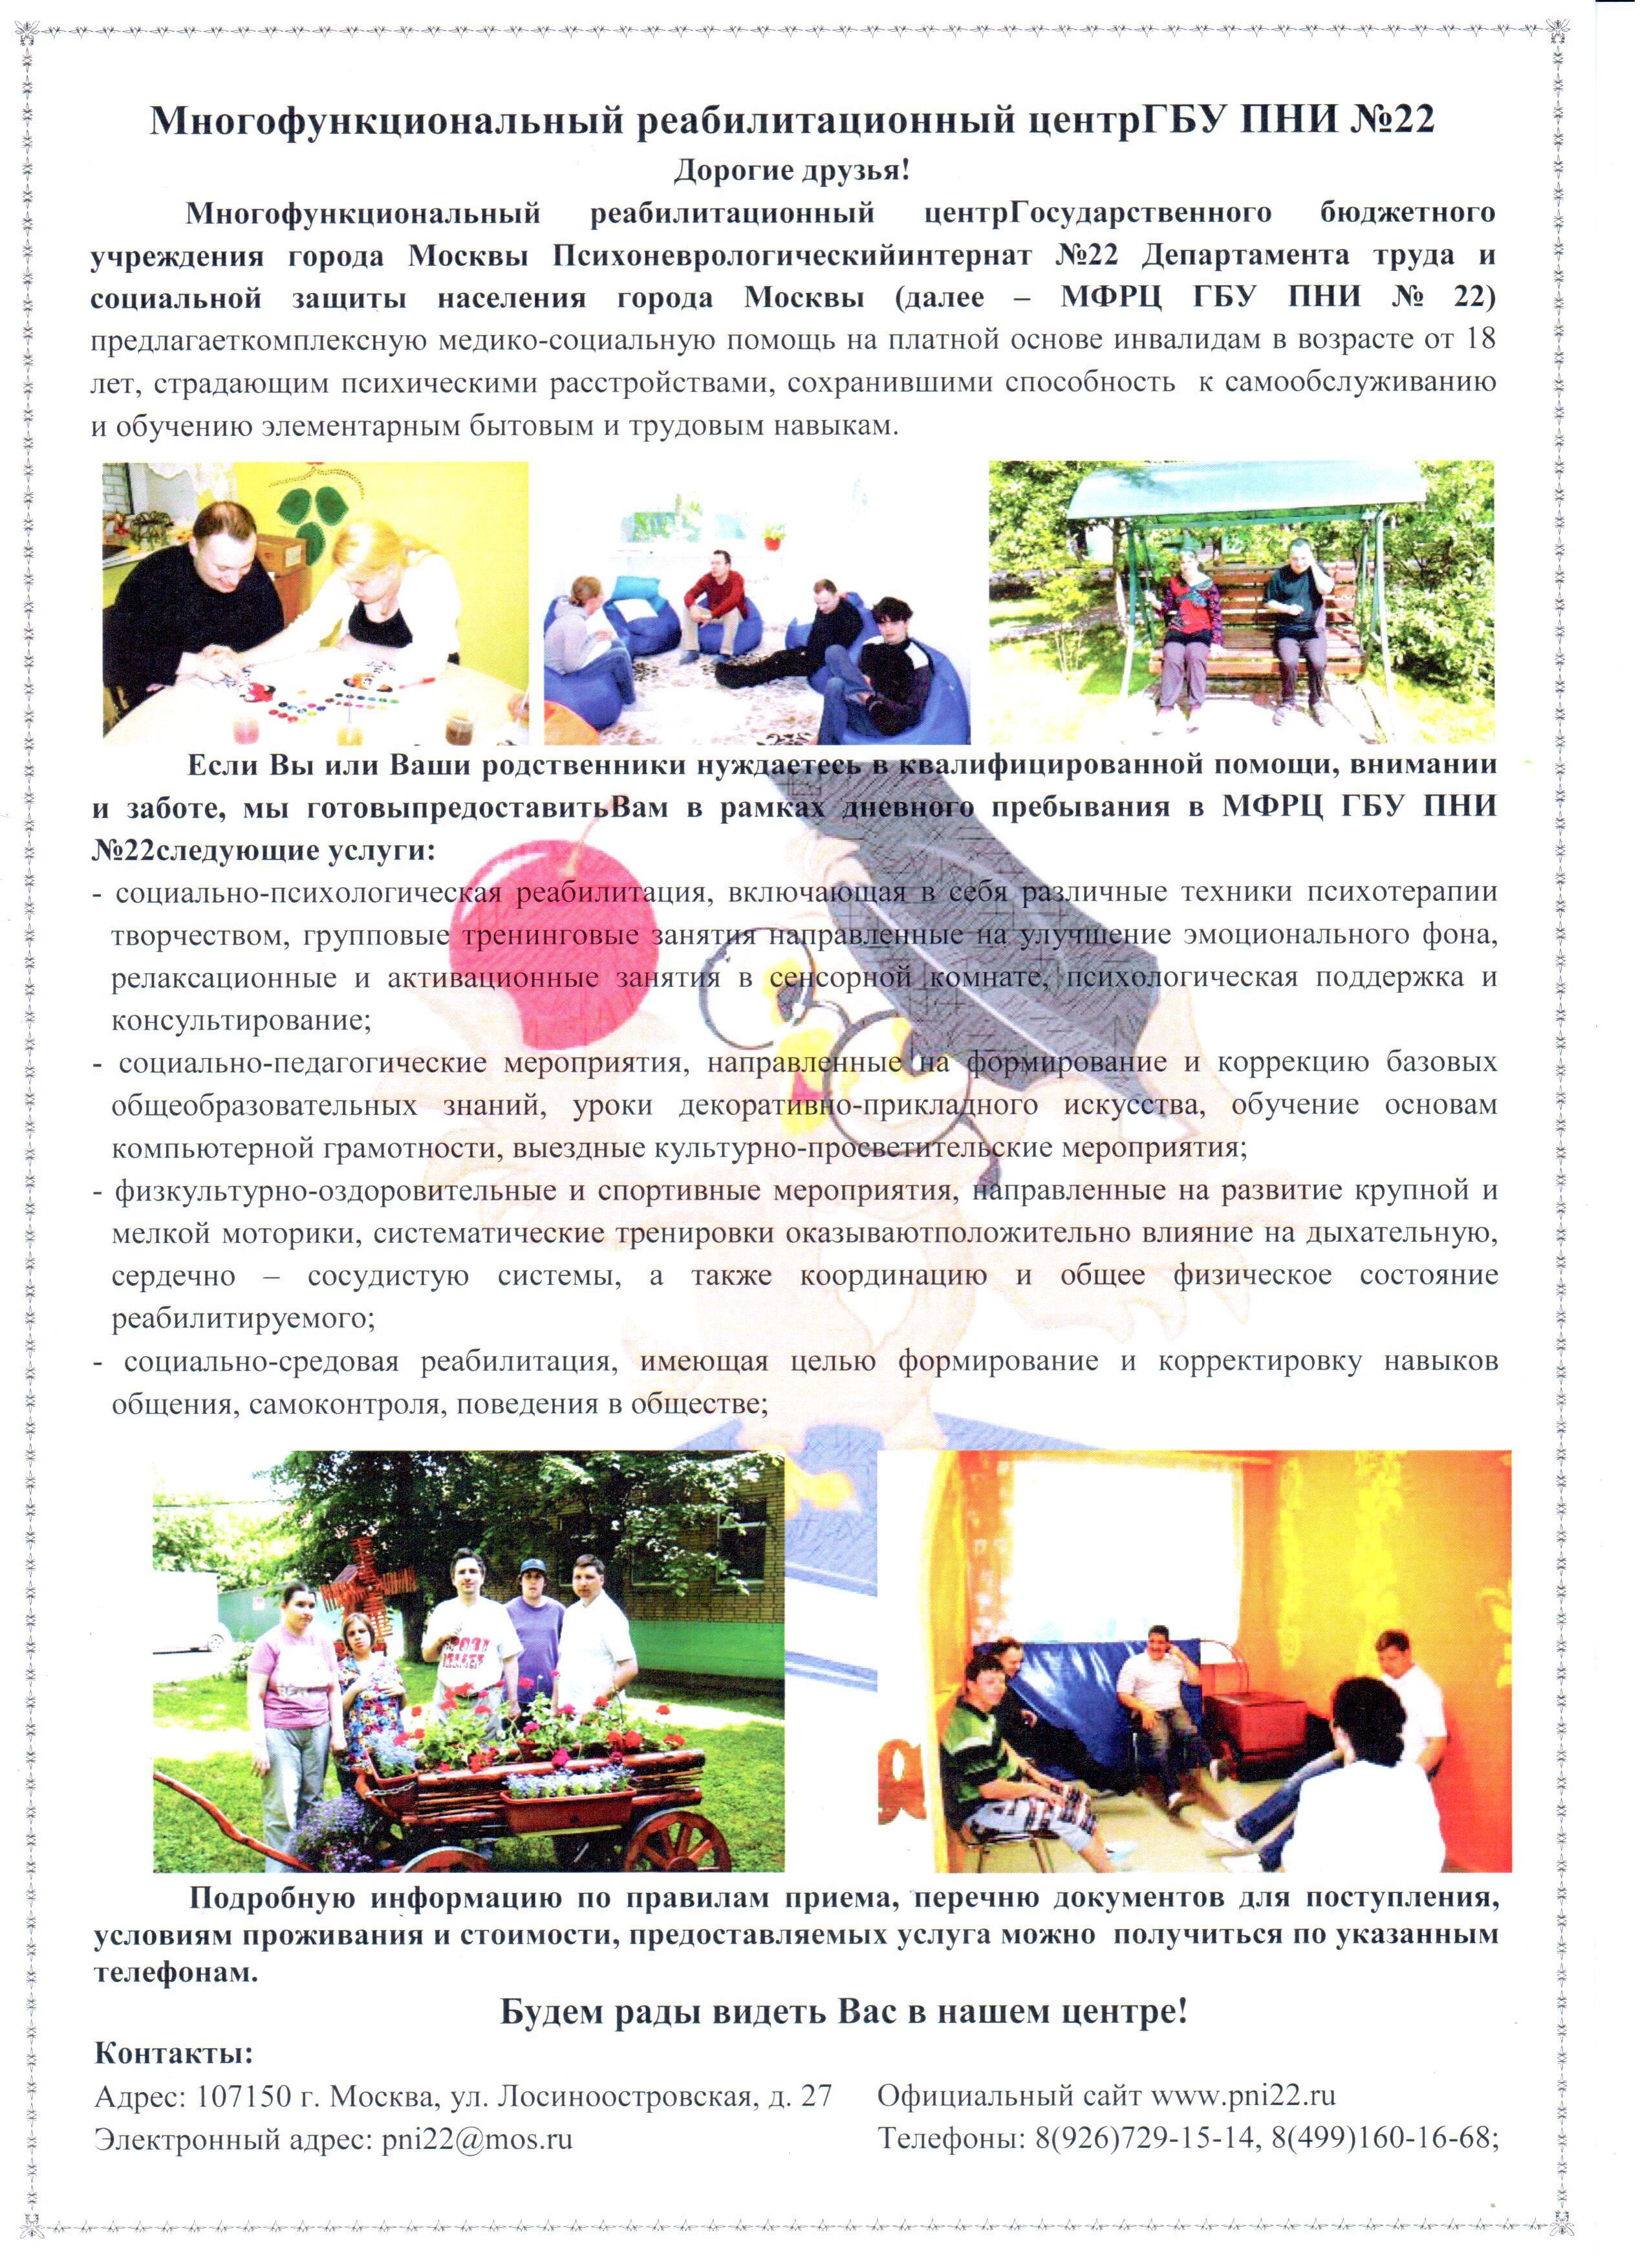 dlya-fb-i-sayta-001